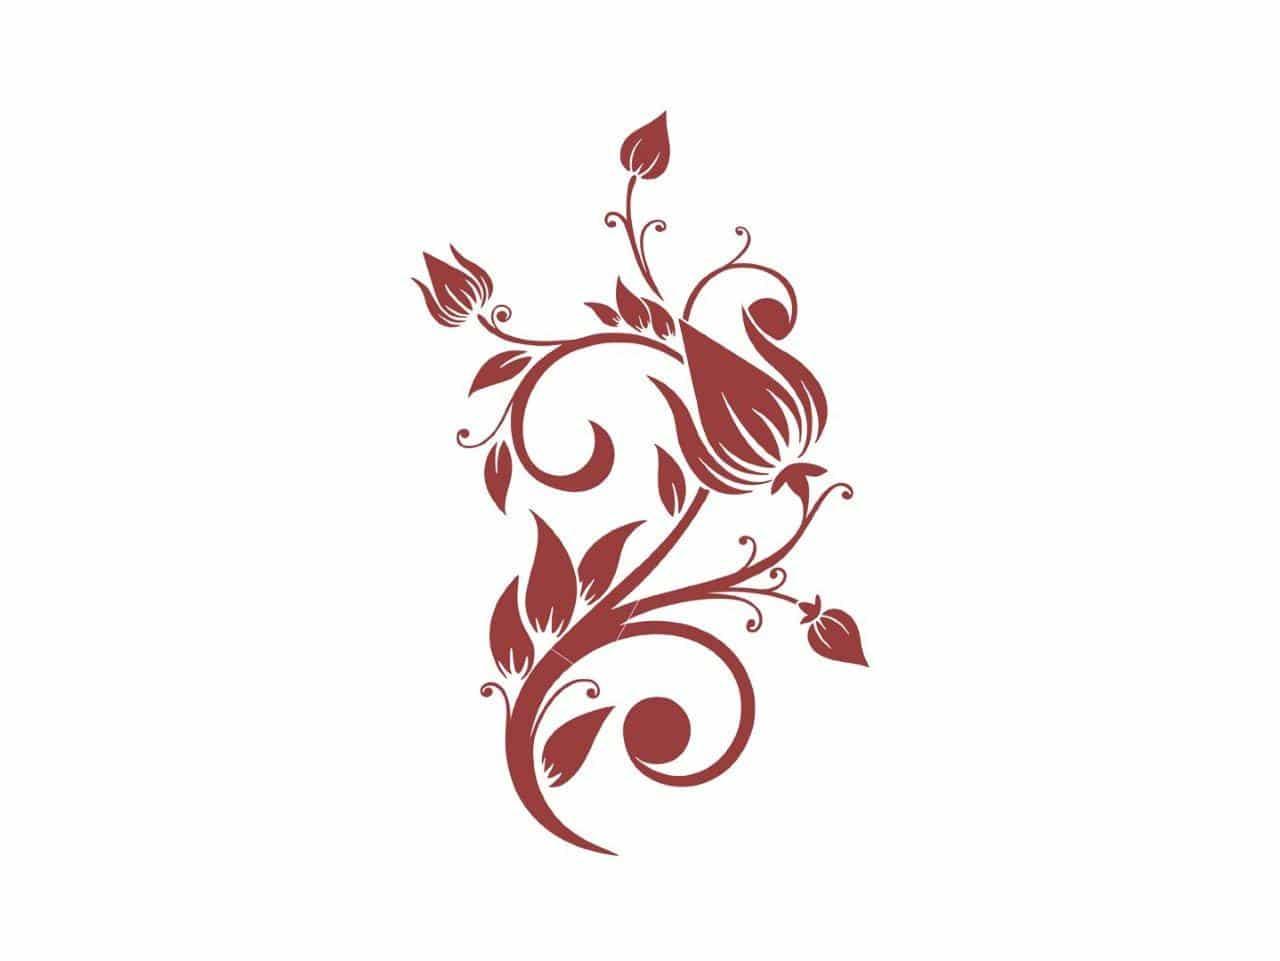 Black Red White, naklejka dekoracyjna 48,77 zł